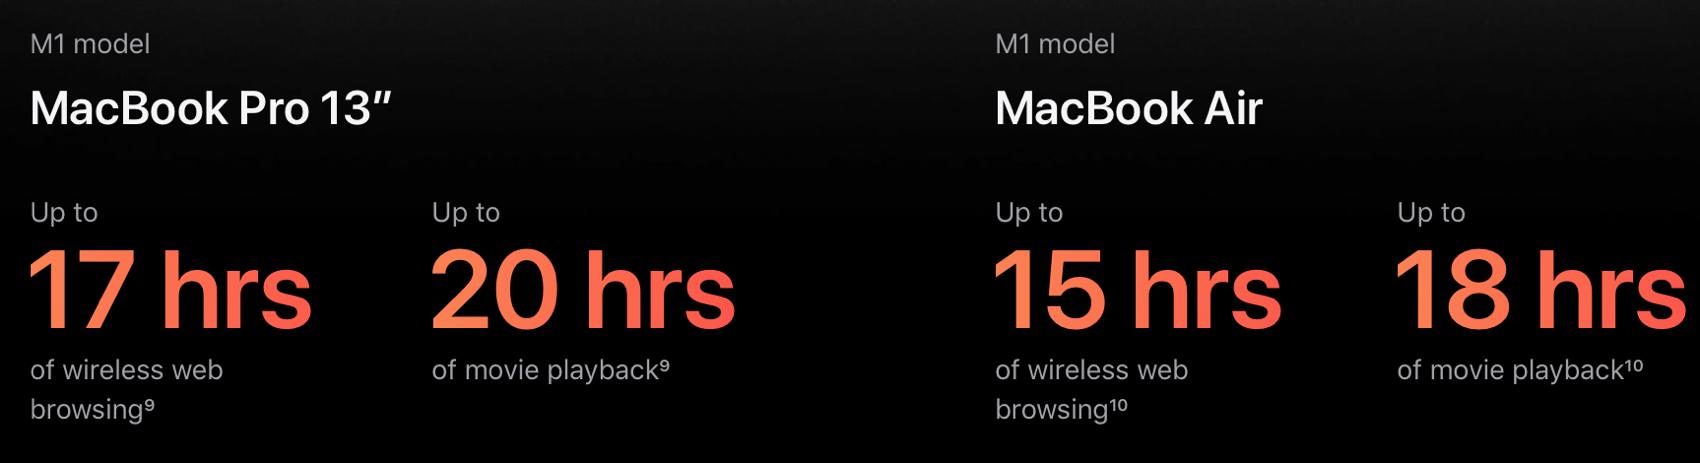 M1 Model Mac Batteries